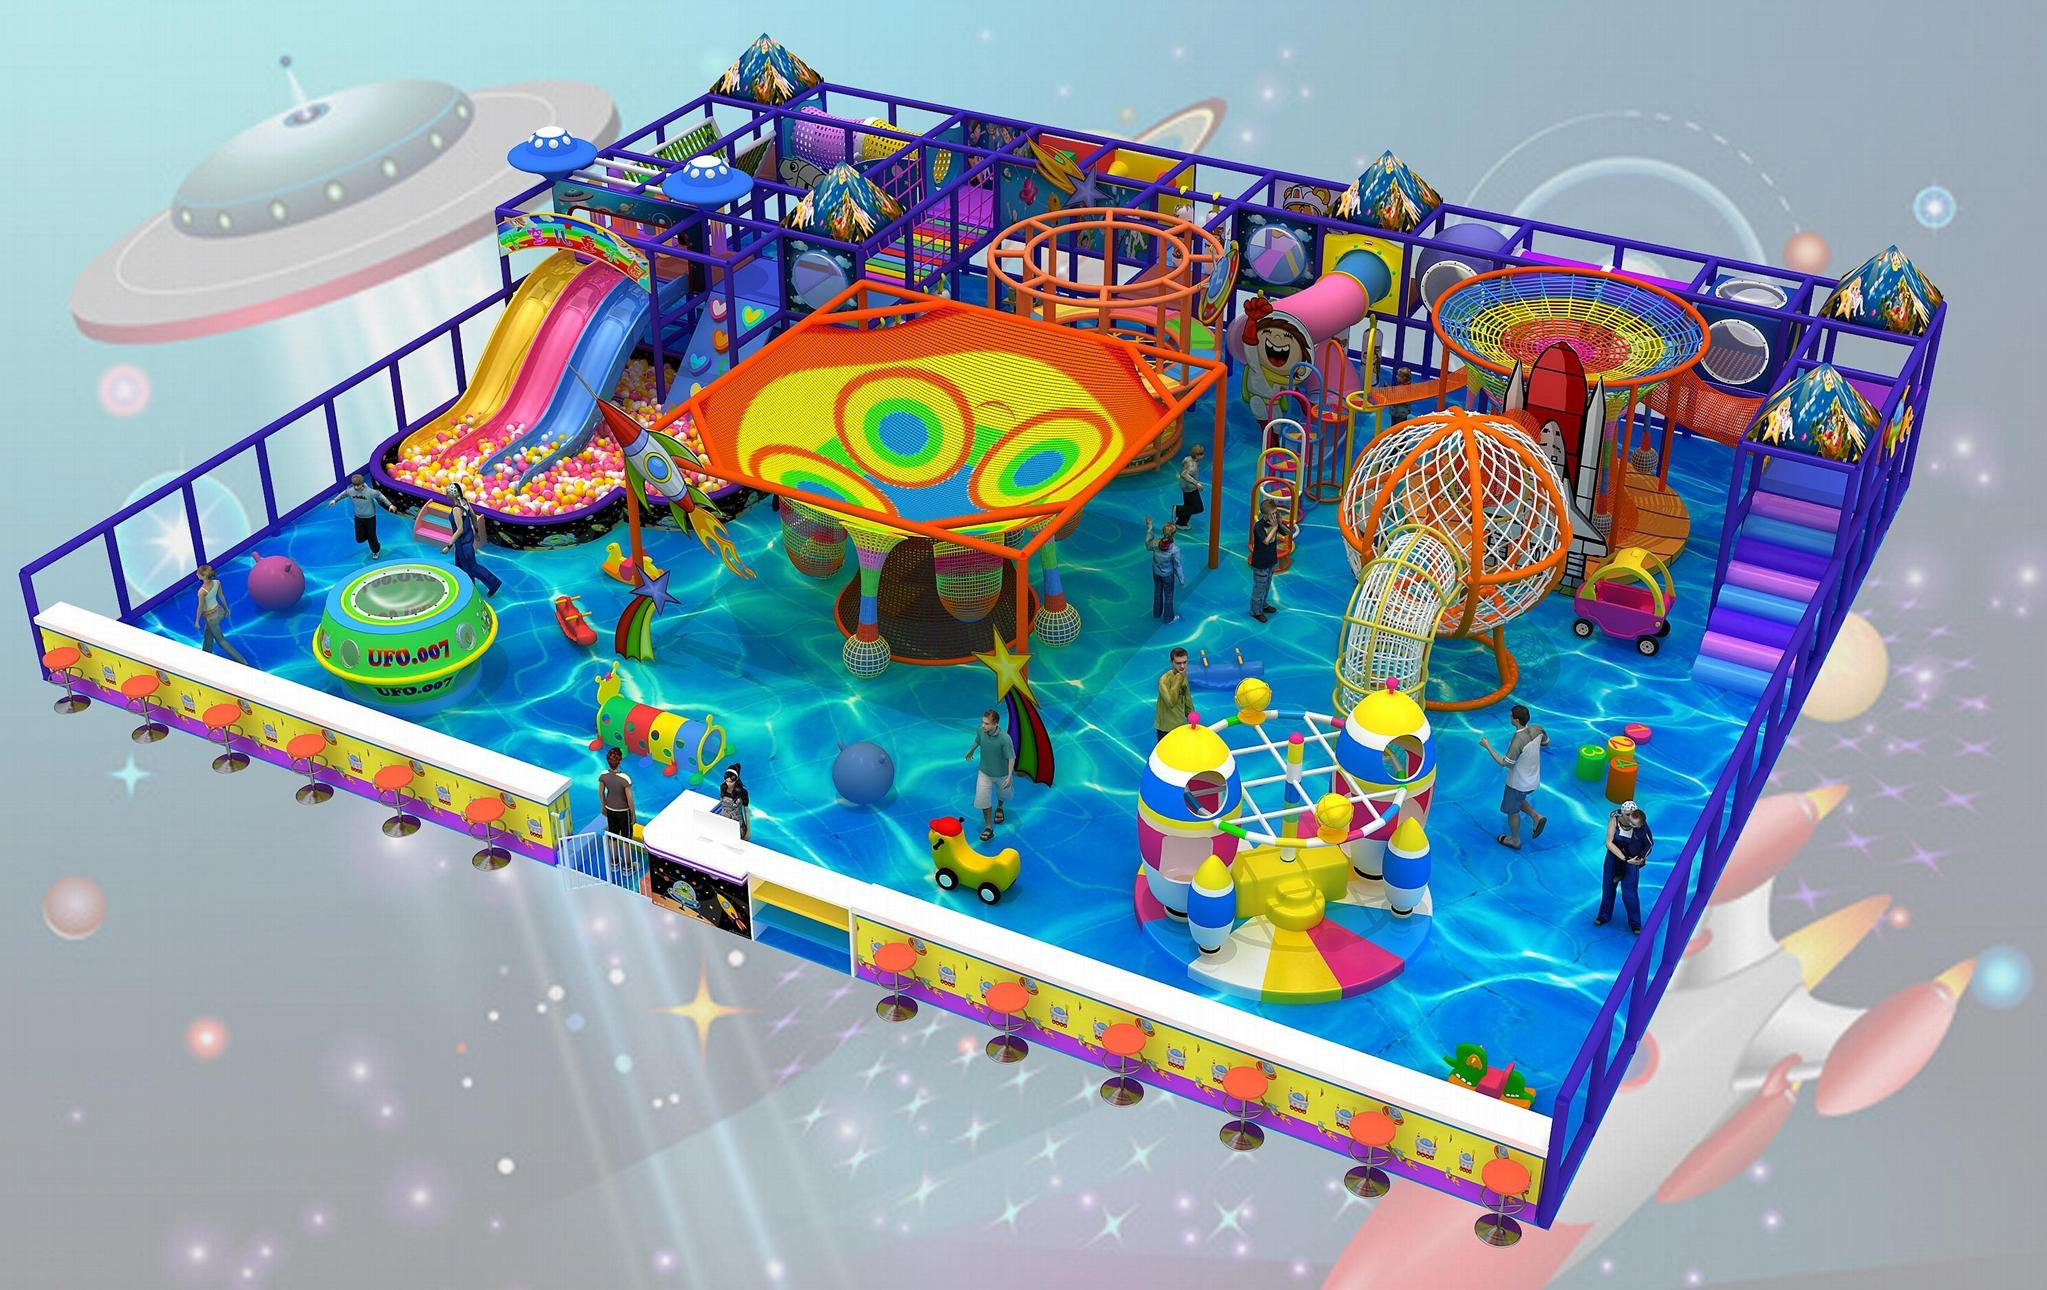 室內儿童遊樂園淘氣堡設備 4